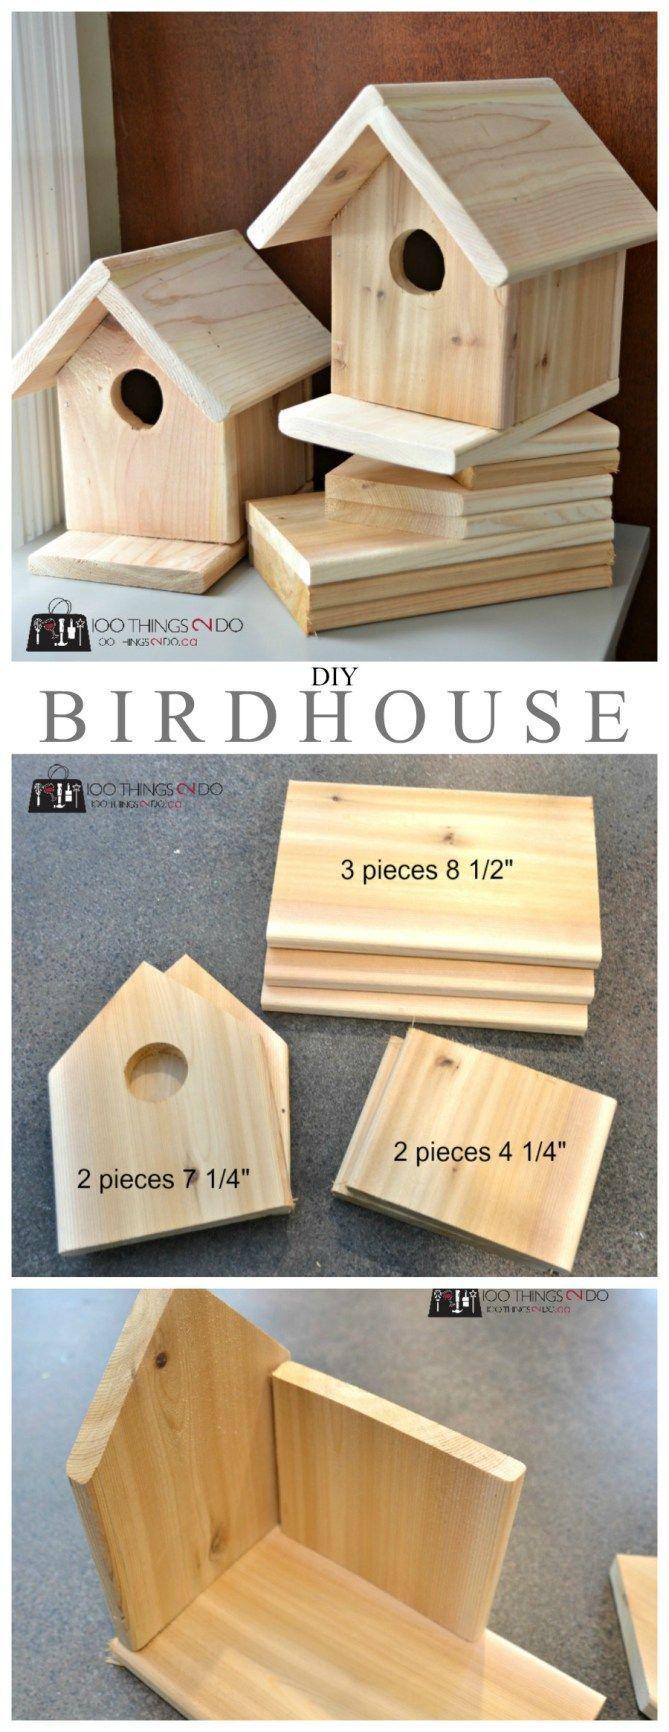 DIY Birdhouse – nur 3 Dollar zu bauen und ein tolles Projekt für Kinder und Nat